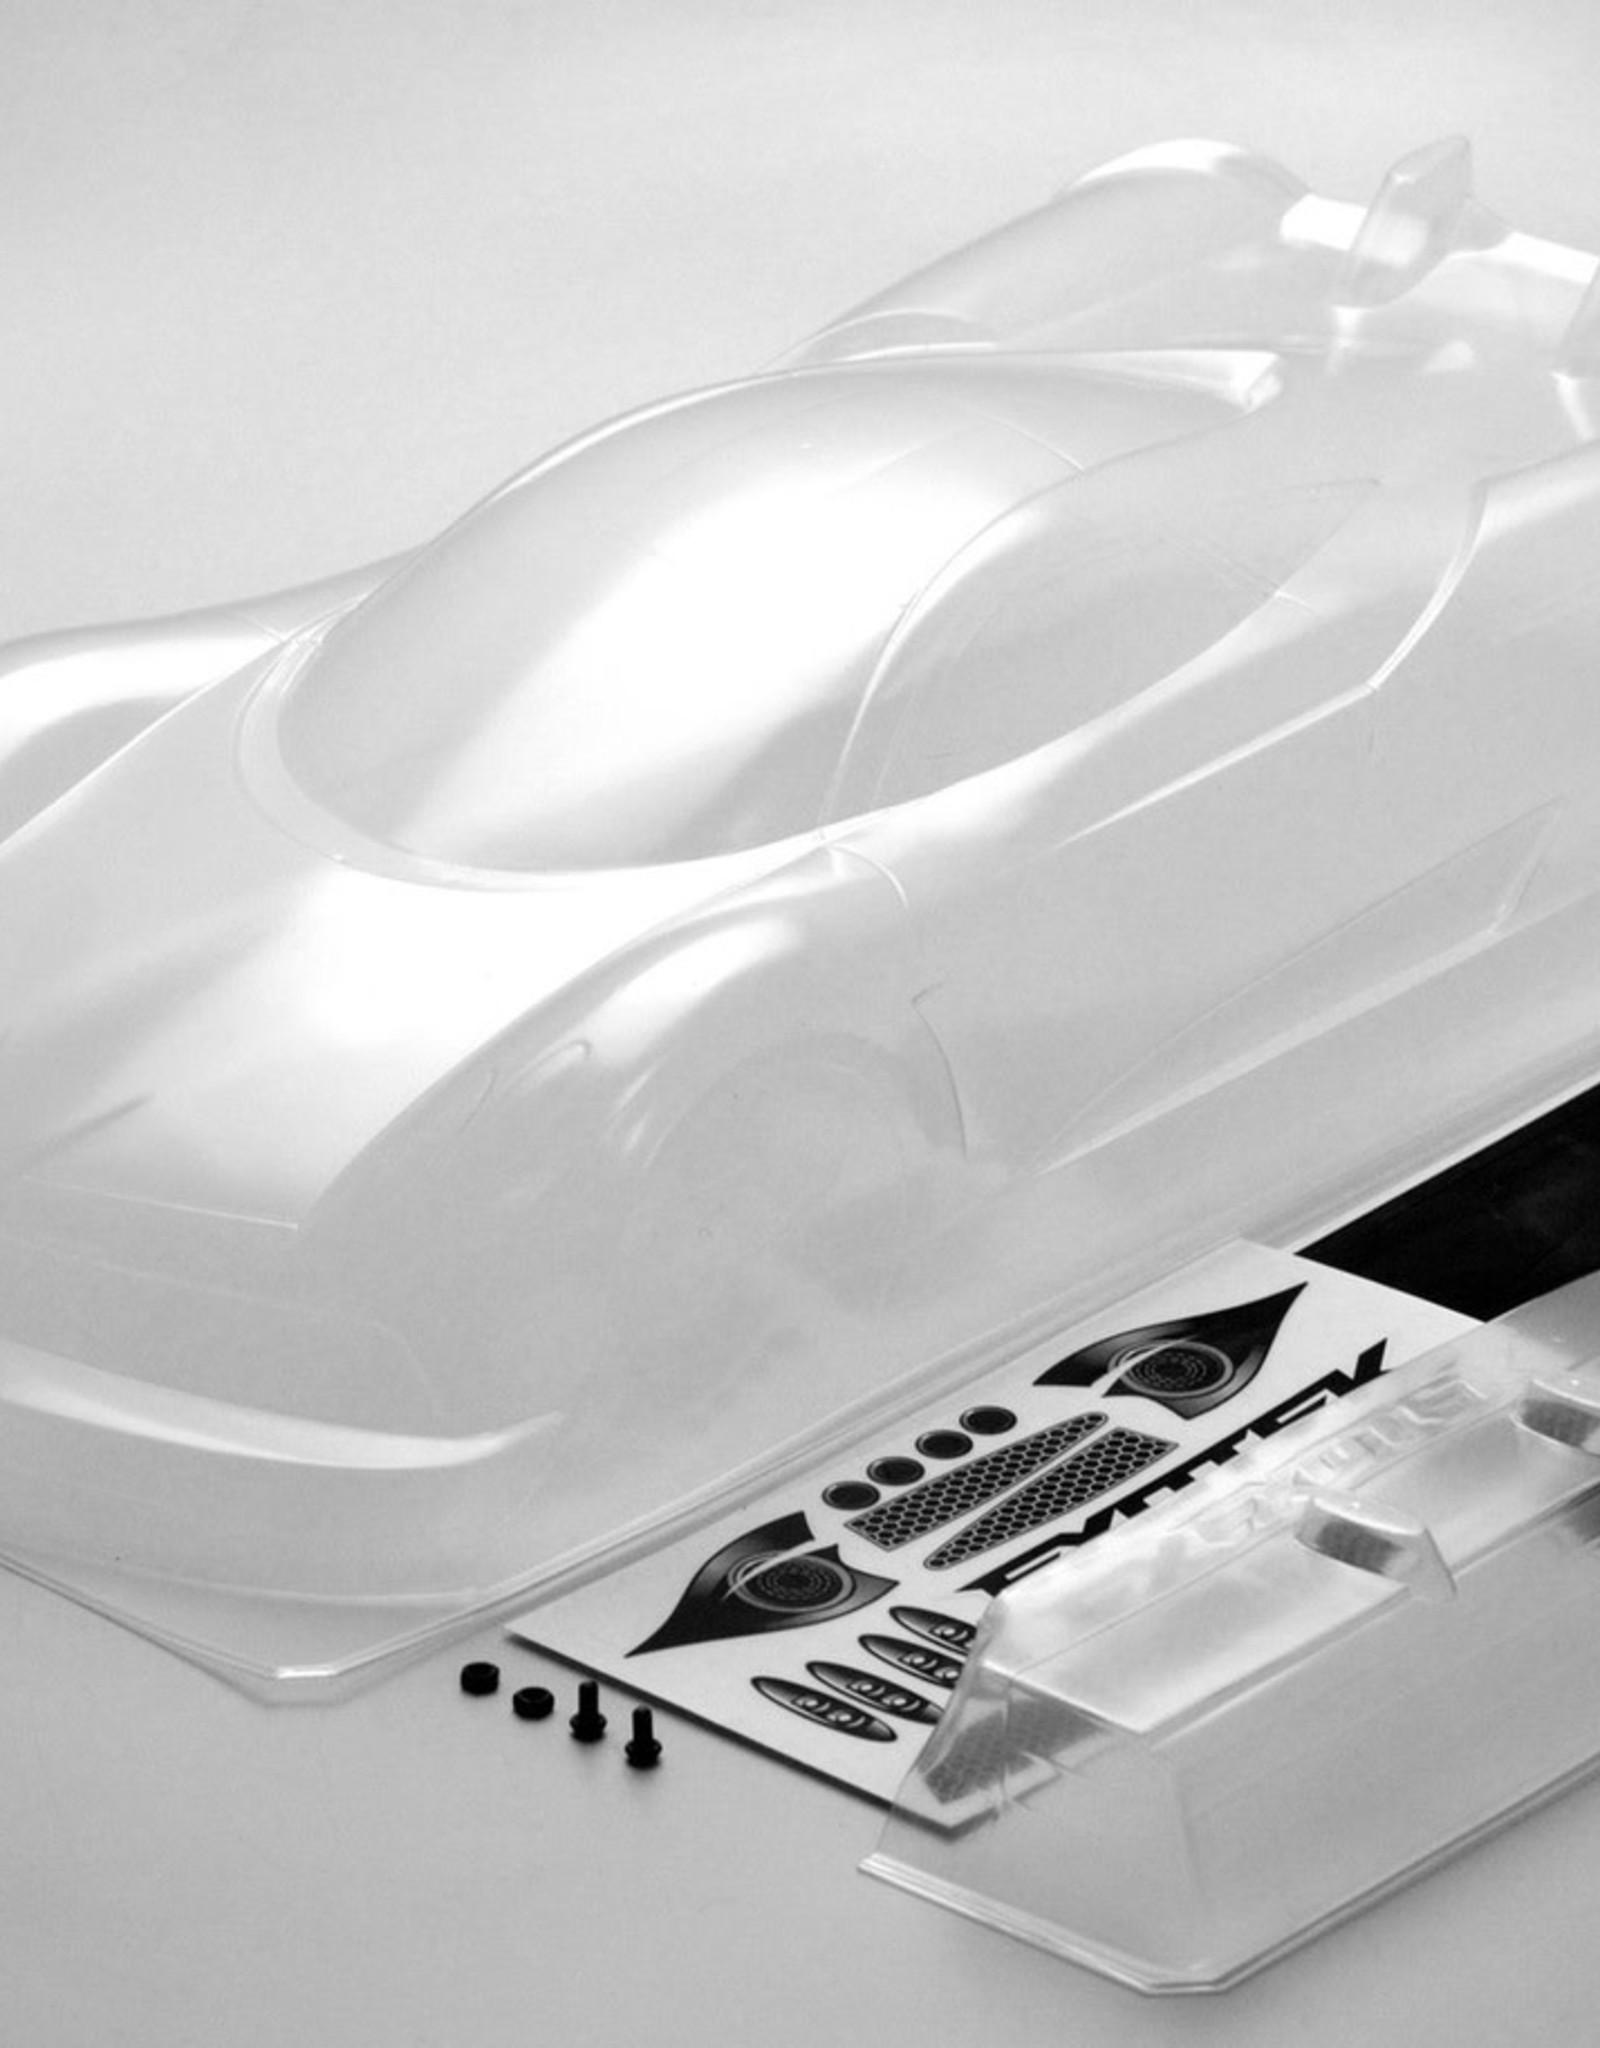 Exotek P1-Z 1/10 USGT Race Body, Clear Lexan w/ Wing